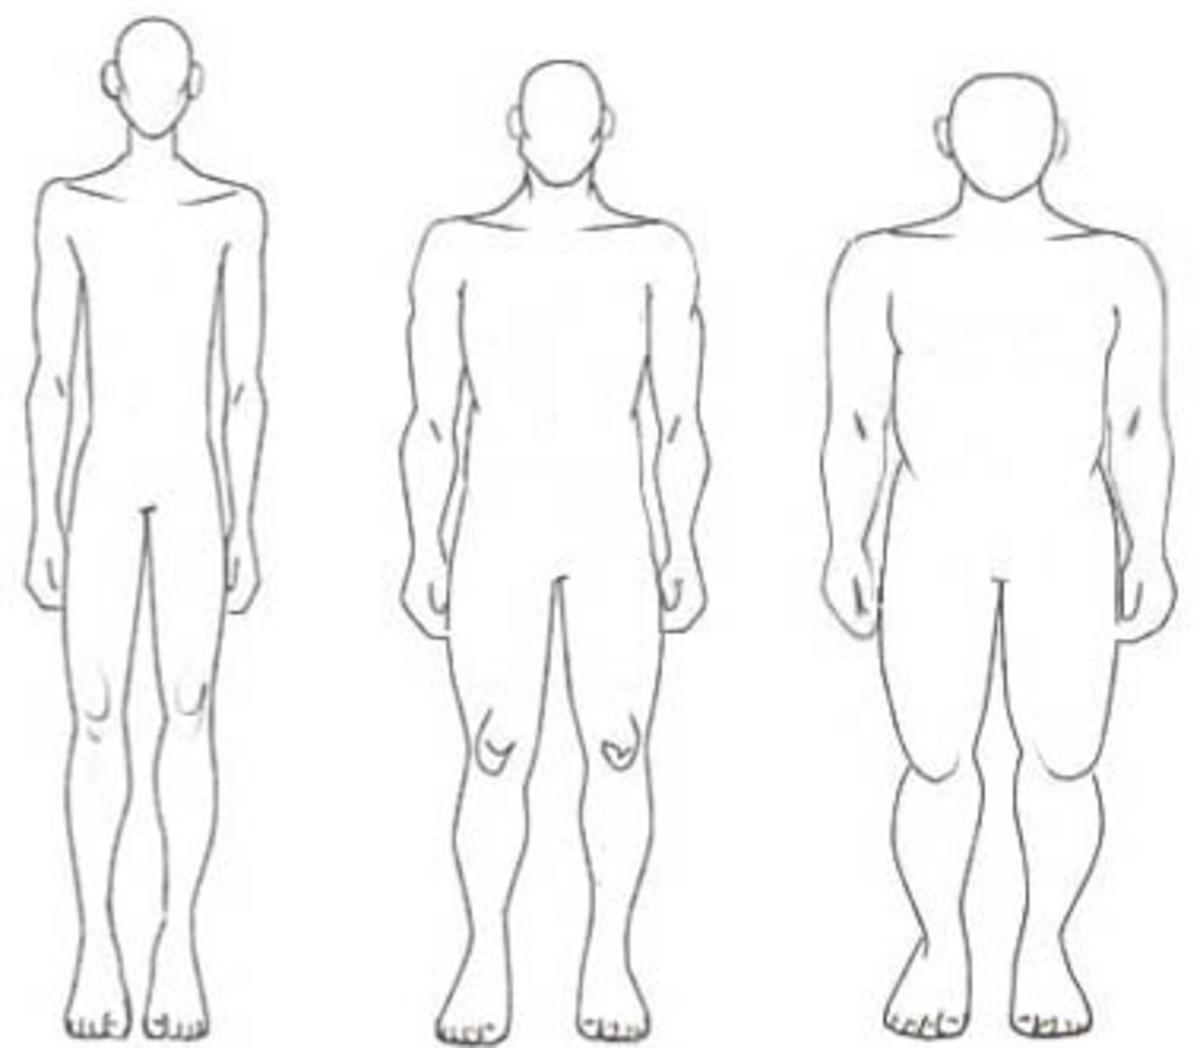 From left to right: Ectomorph, Mesomorph, & Endomorph